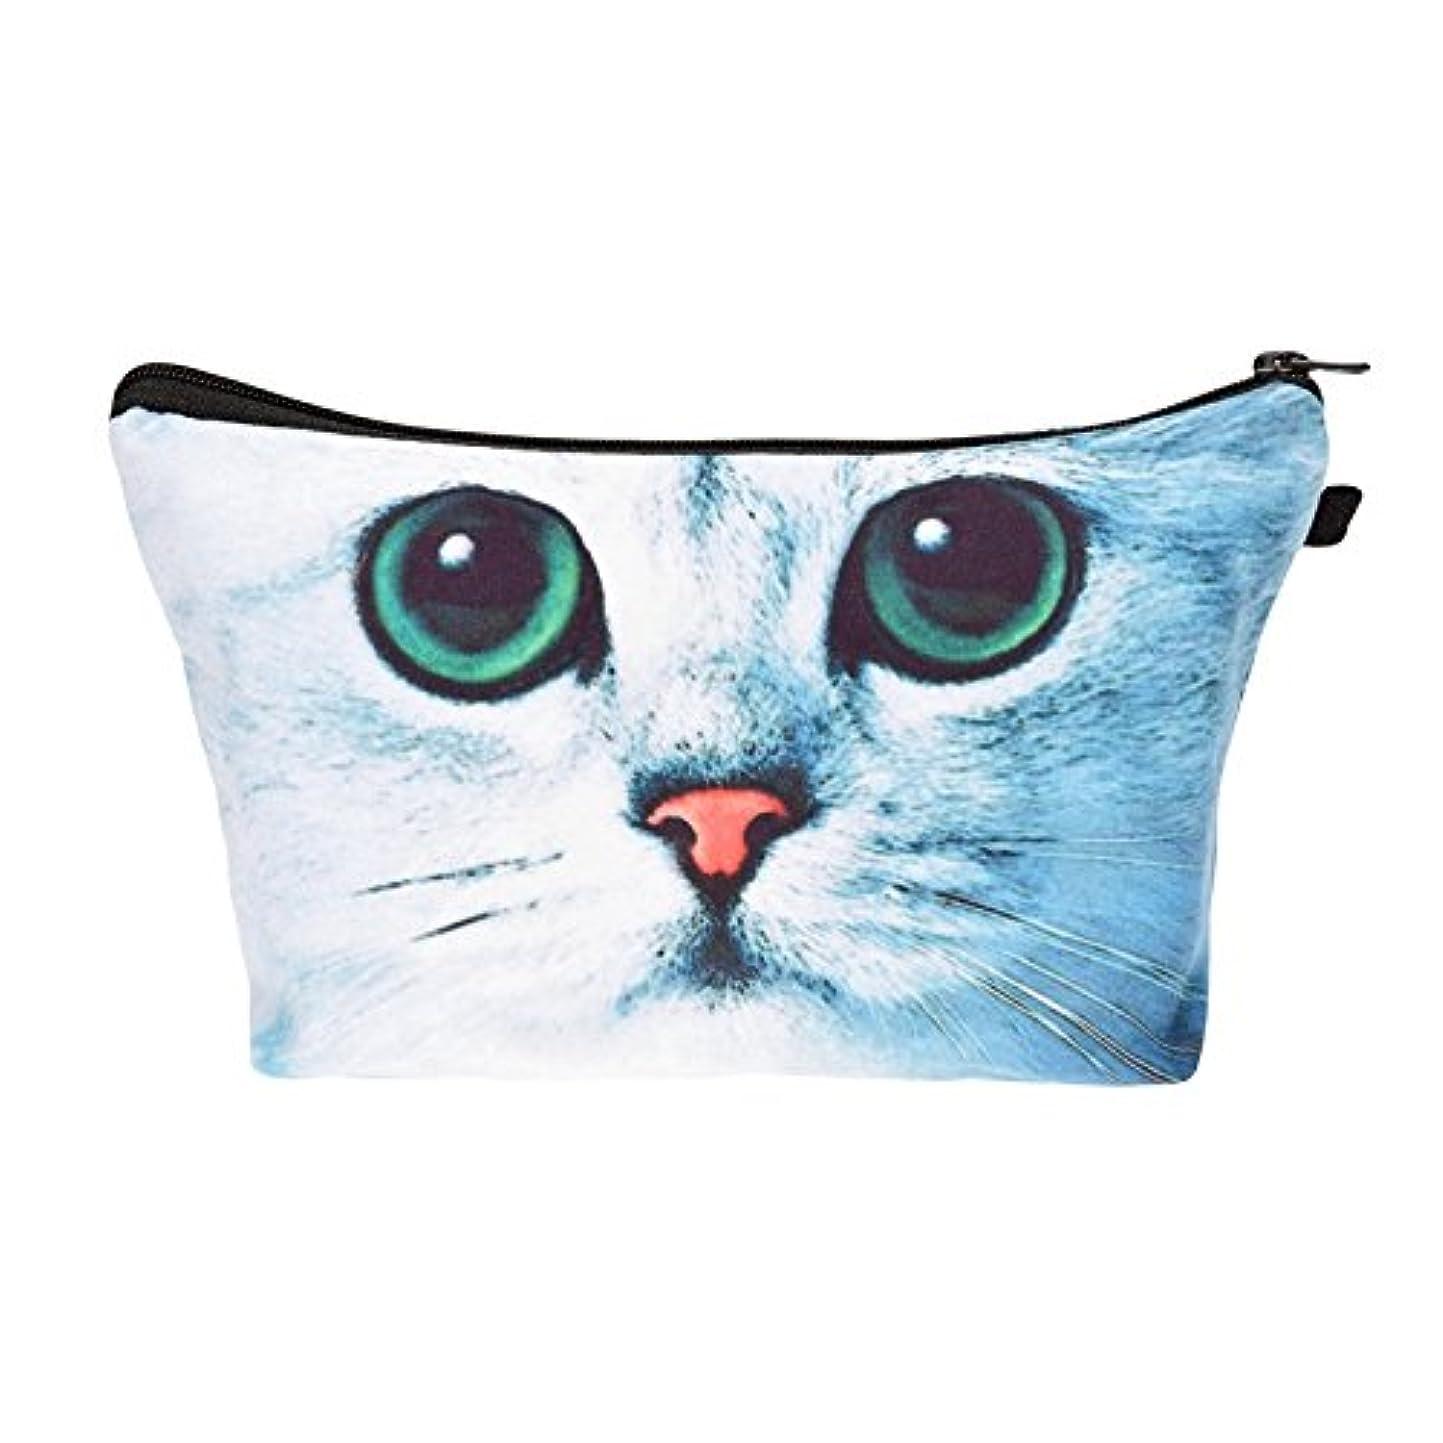 基準半球要件化粧バッグ 化粧ポーチ 収納ケース メイクバッグ 化粧収納バッグ 折畳式 携帯型便利 容量大きいかわいいお洒落 旅行軽量 猫柄 (ブルー)